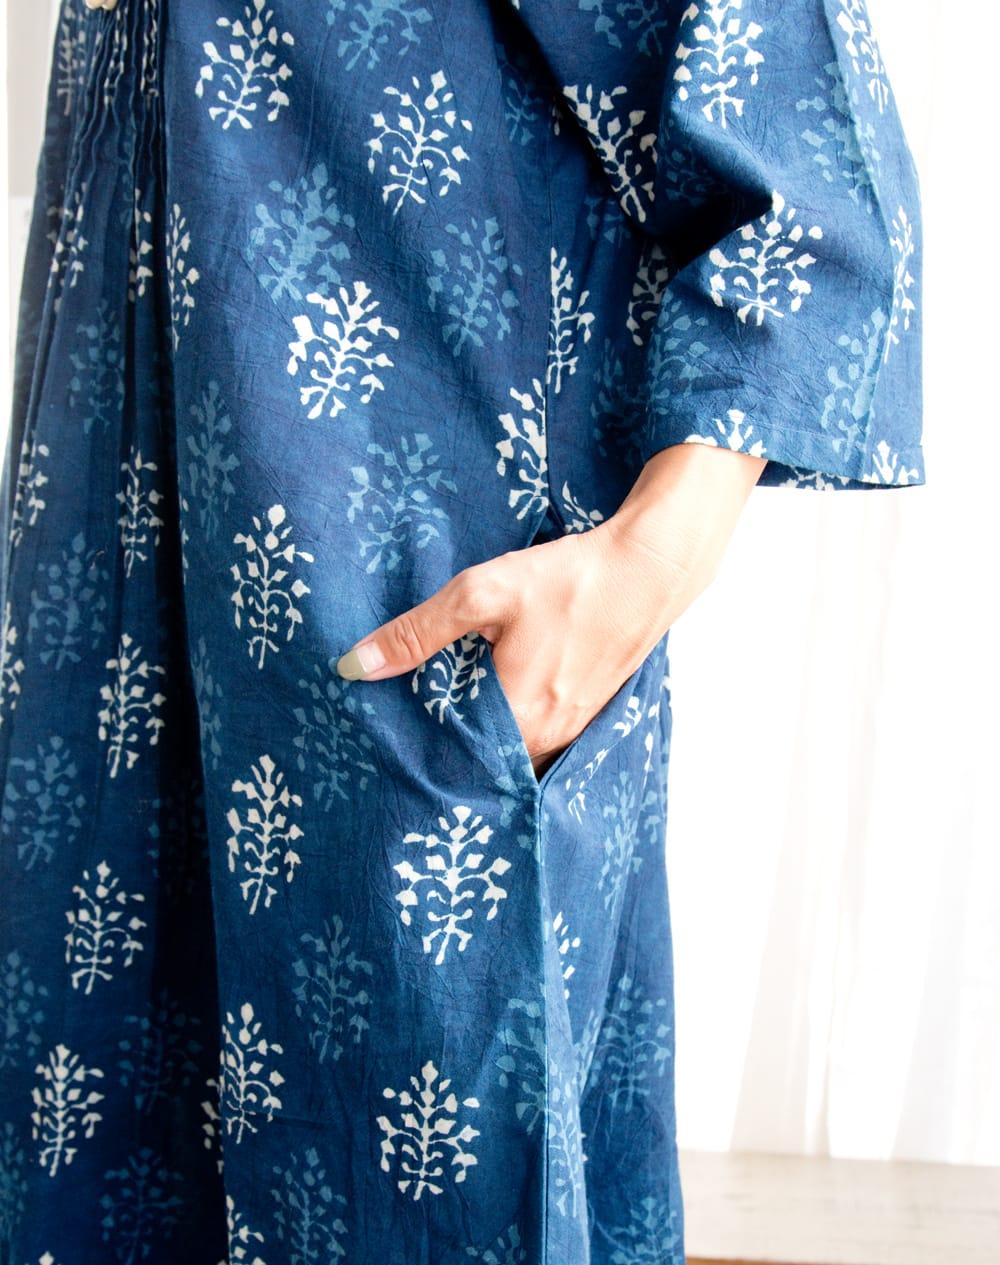 藍染のピンタックワンピース 7 - 両サイドにはポケットも有り便利です。